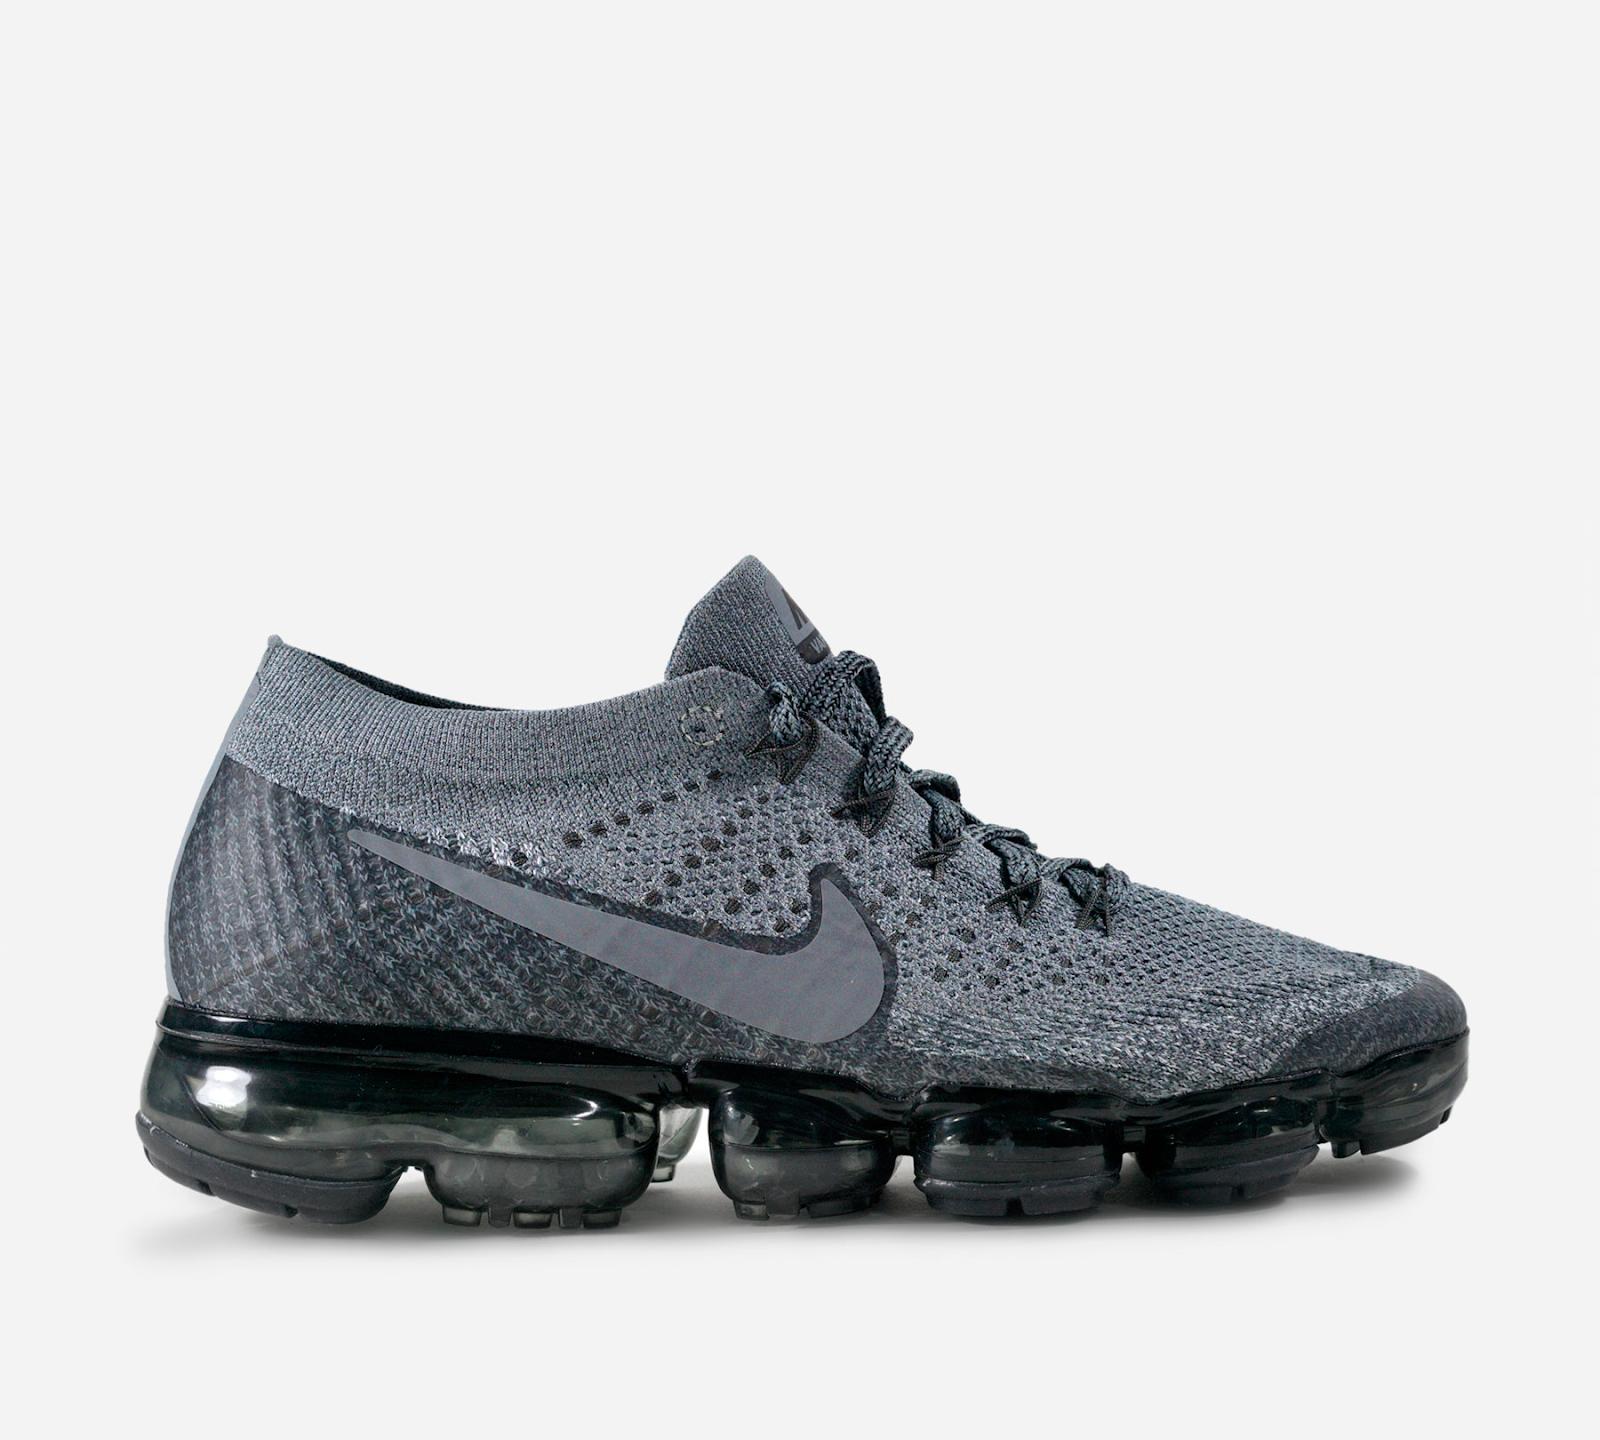 Mẫu giày thể thao Nike có mẫu mã giày sneaker dưới hai triệu